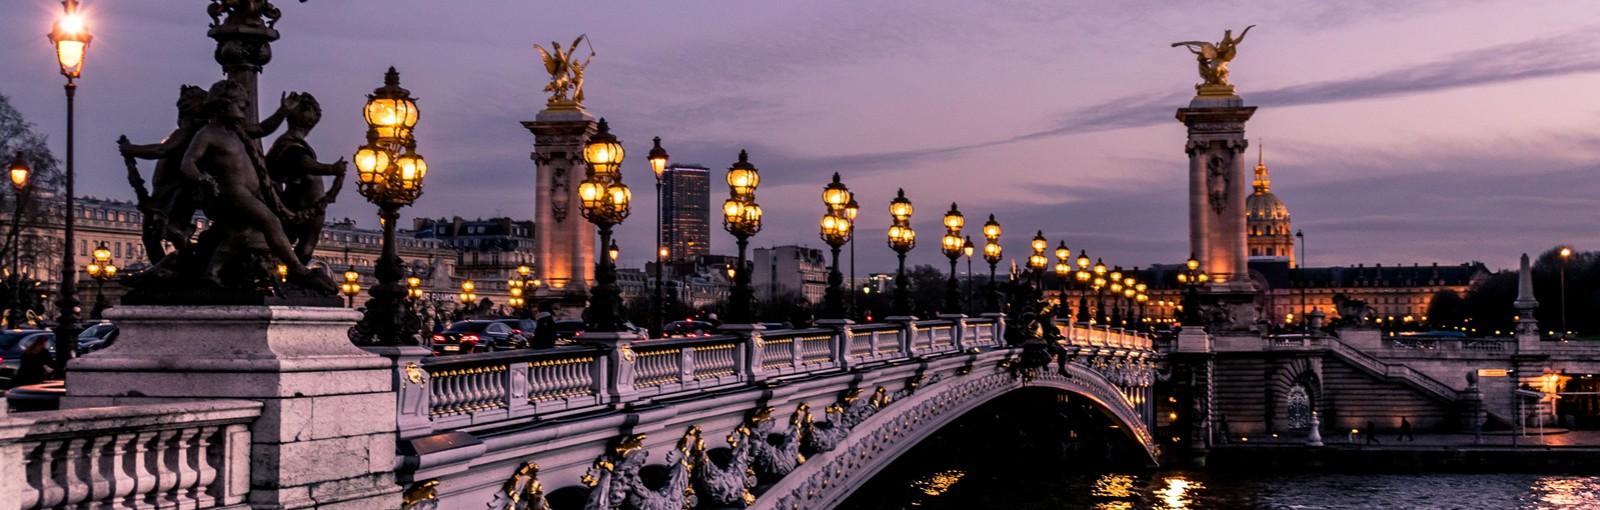 Tours Escapade en amoureux dans la 'Ville Lumière' - Paris & Ile-de-France - Nos Escapades Partagées - En Couples ou en Individuels